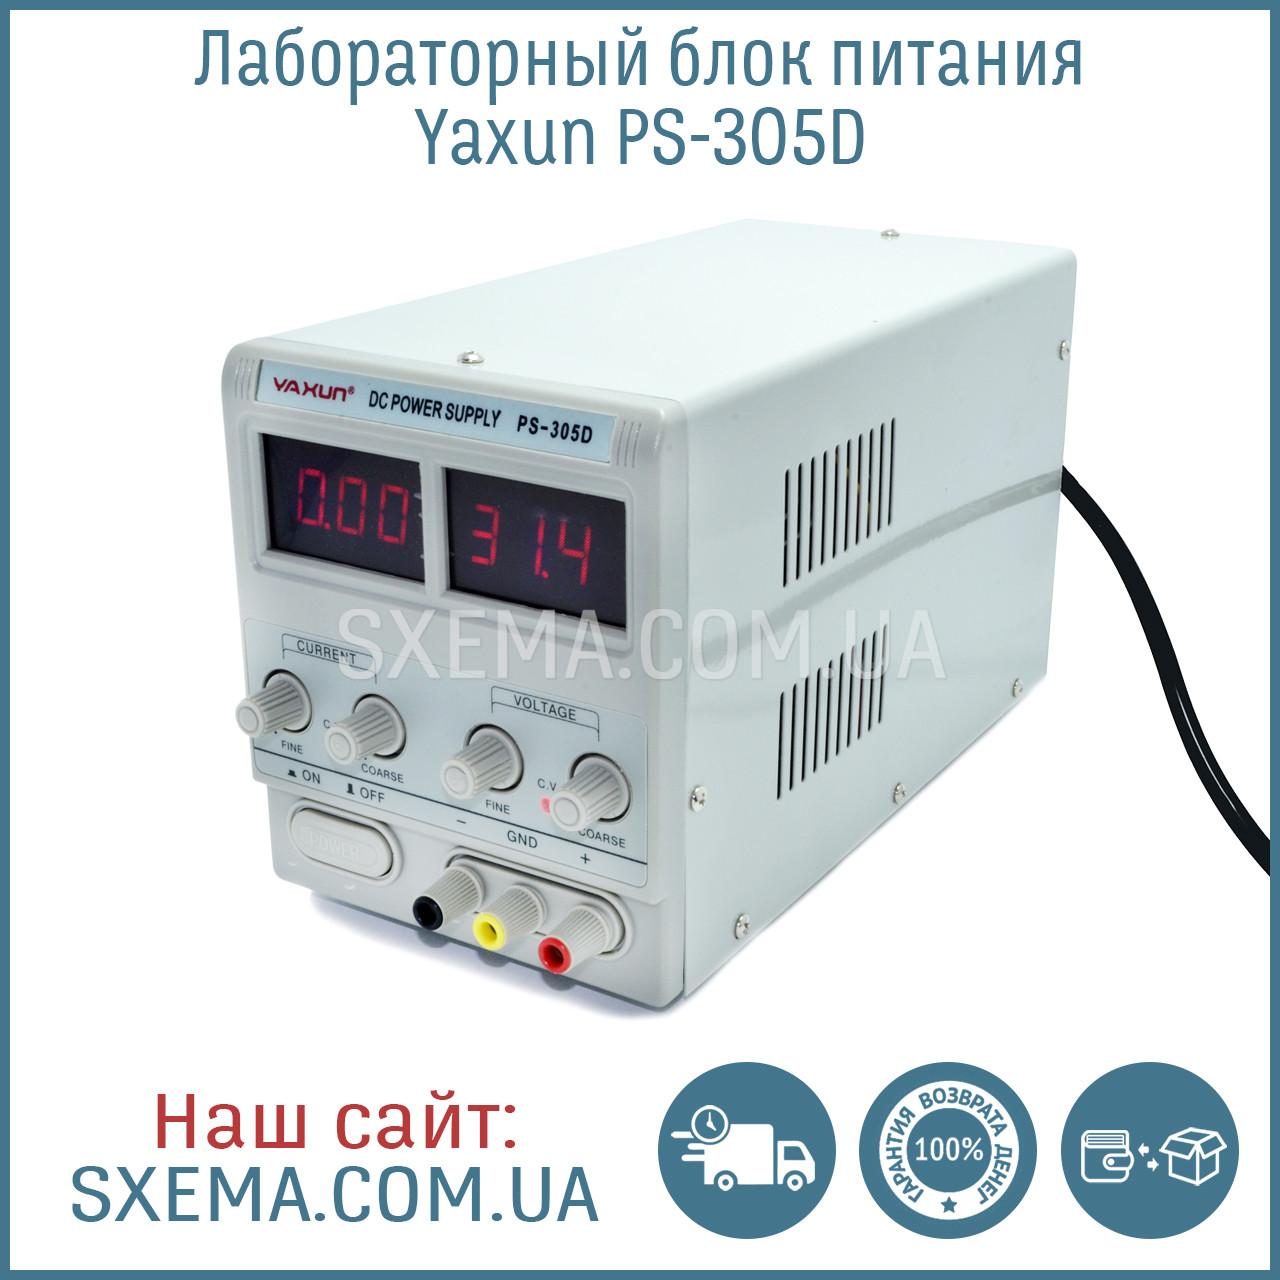 Лабораторный блок питания YaXun 305D 30V 5A цифровая индикация